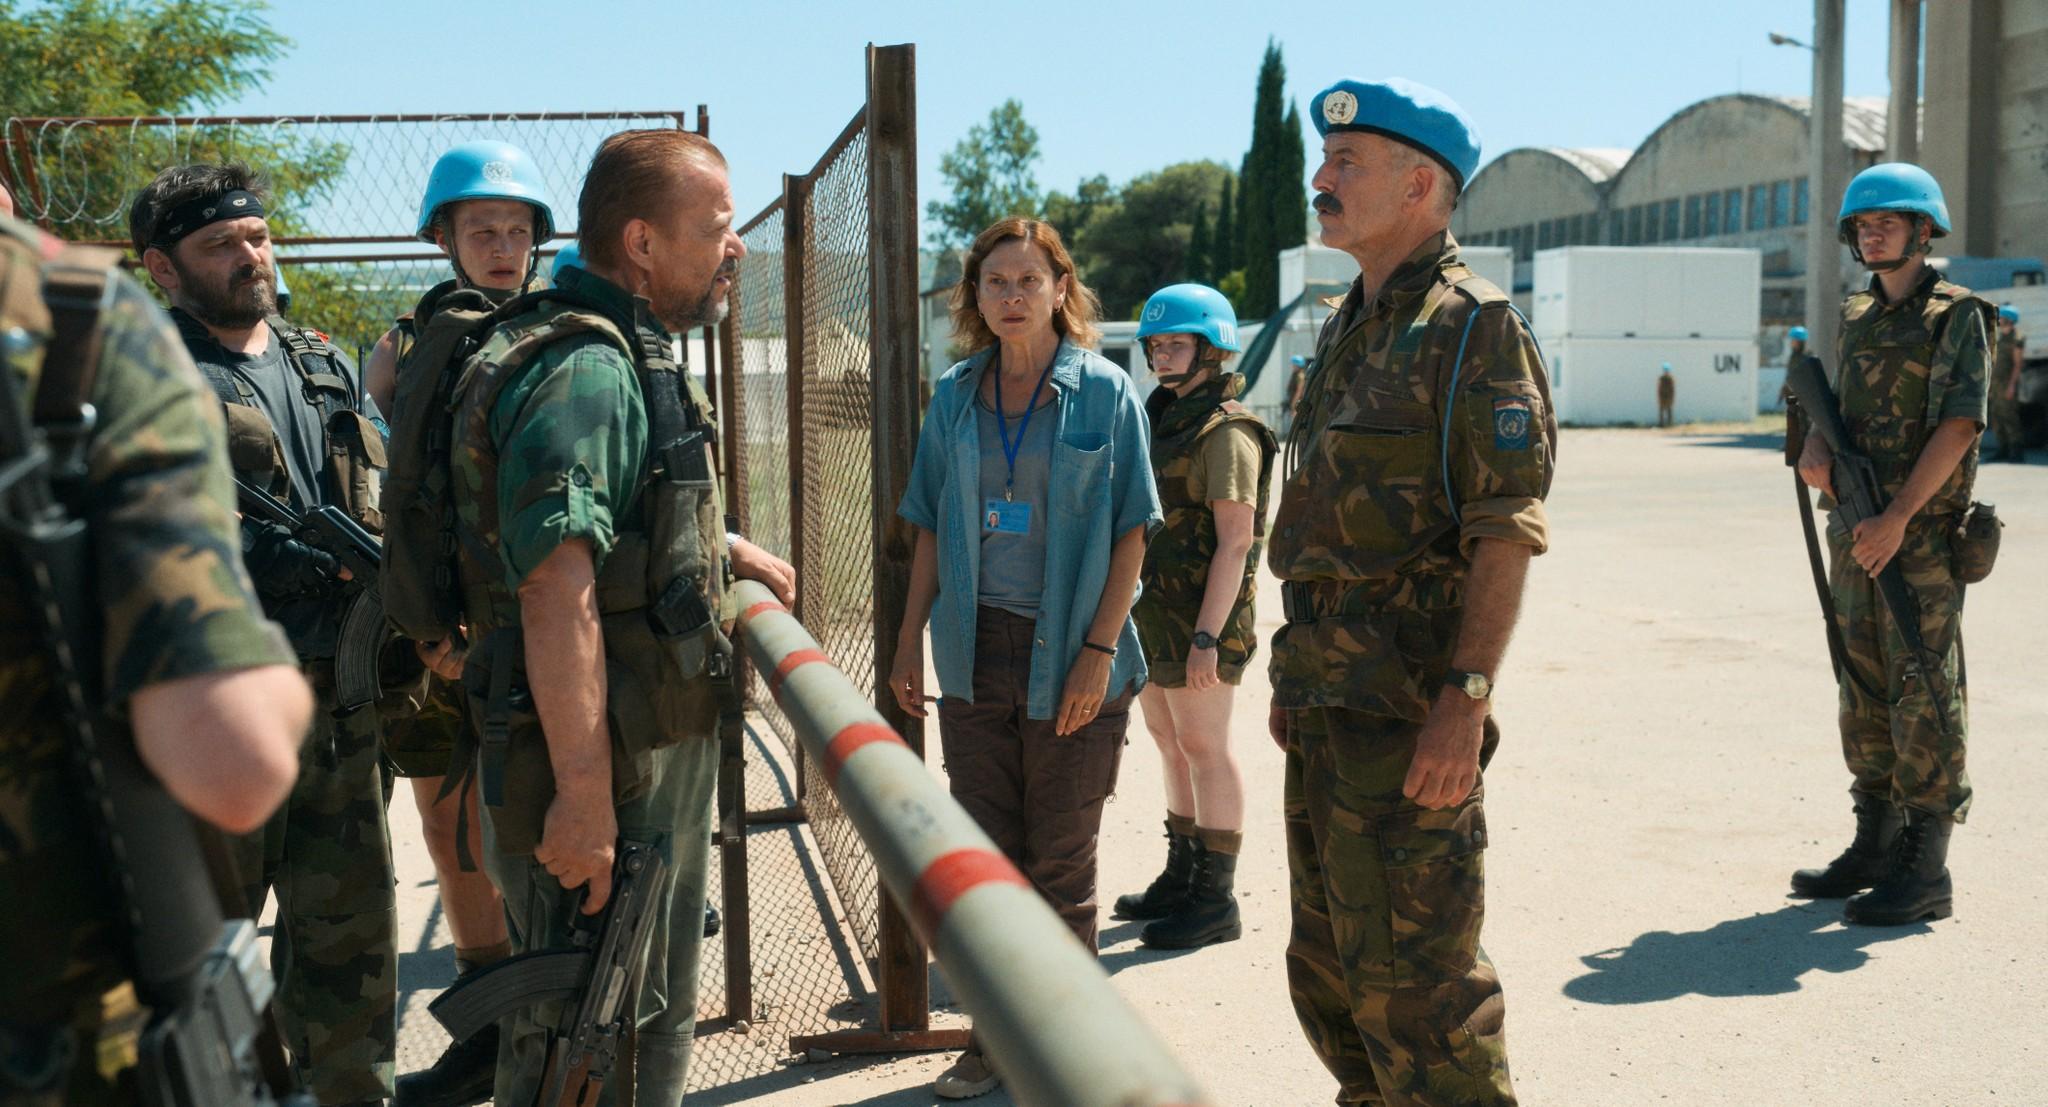 難民が逃れた国連施設に押し寄せるセルビア人勢力(左)=「アイダよ、何処へ?」より。©2020 Deblokada/coop99 filmproduktion/Digital Cube/N279/Razor Film/Extreme Emotions/Indie Prod/Tordenfilm/TRT/ZDF arte